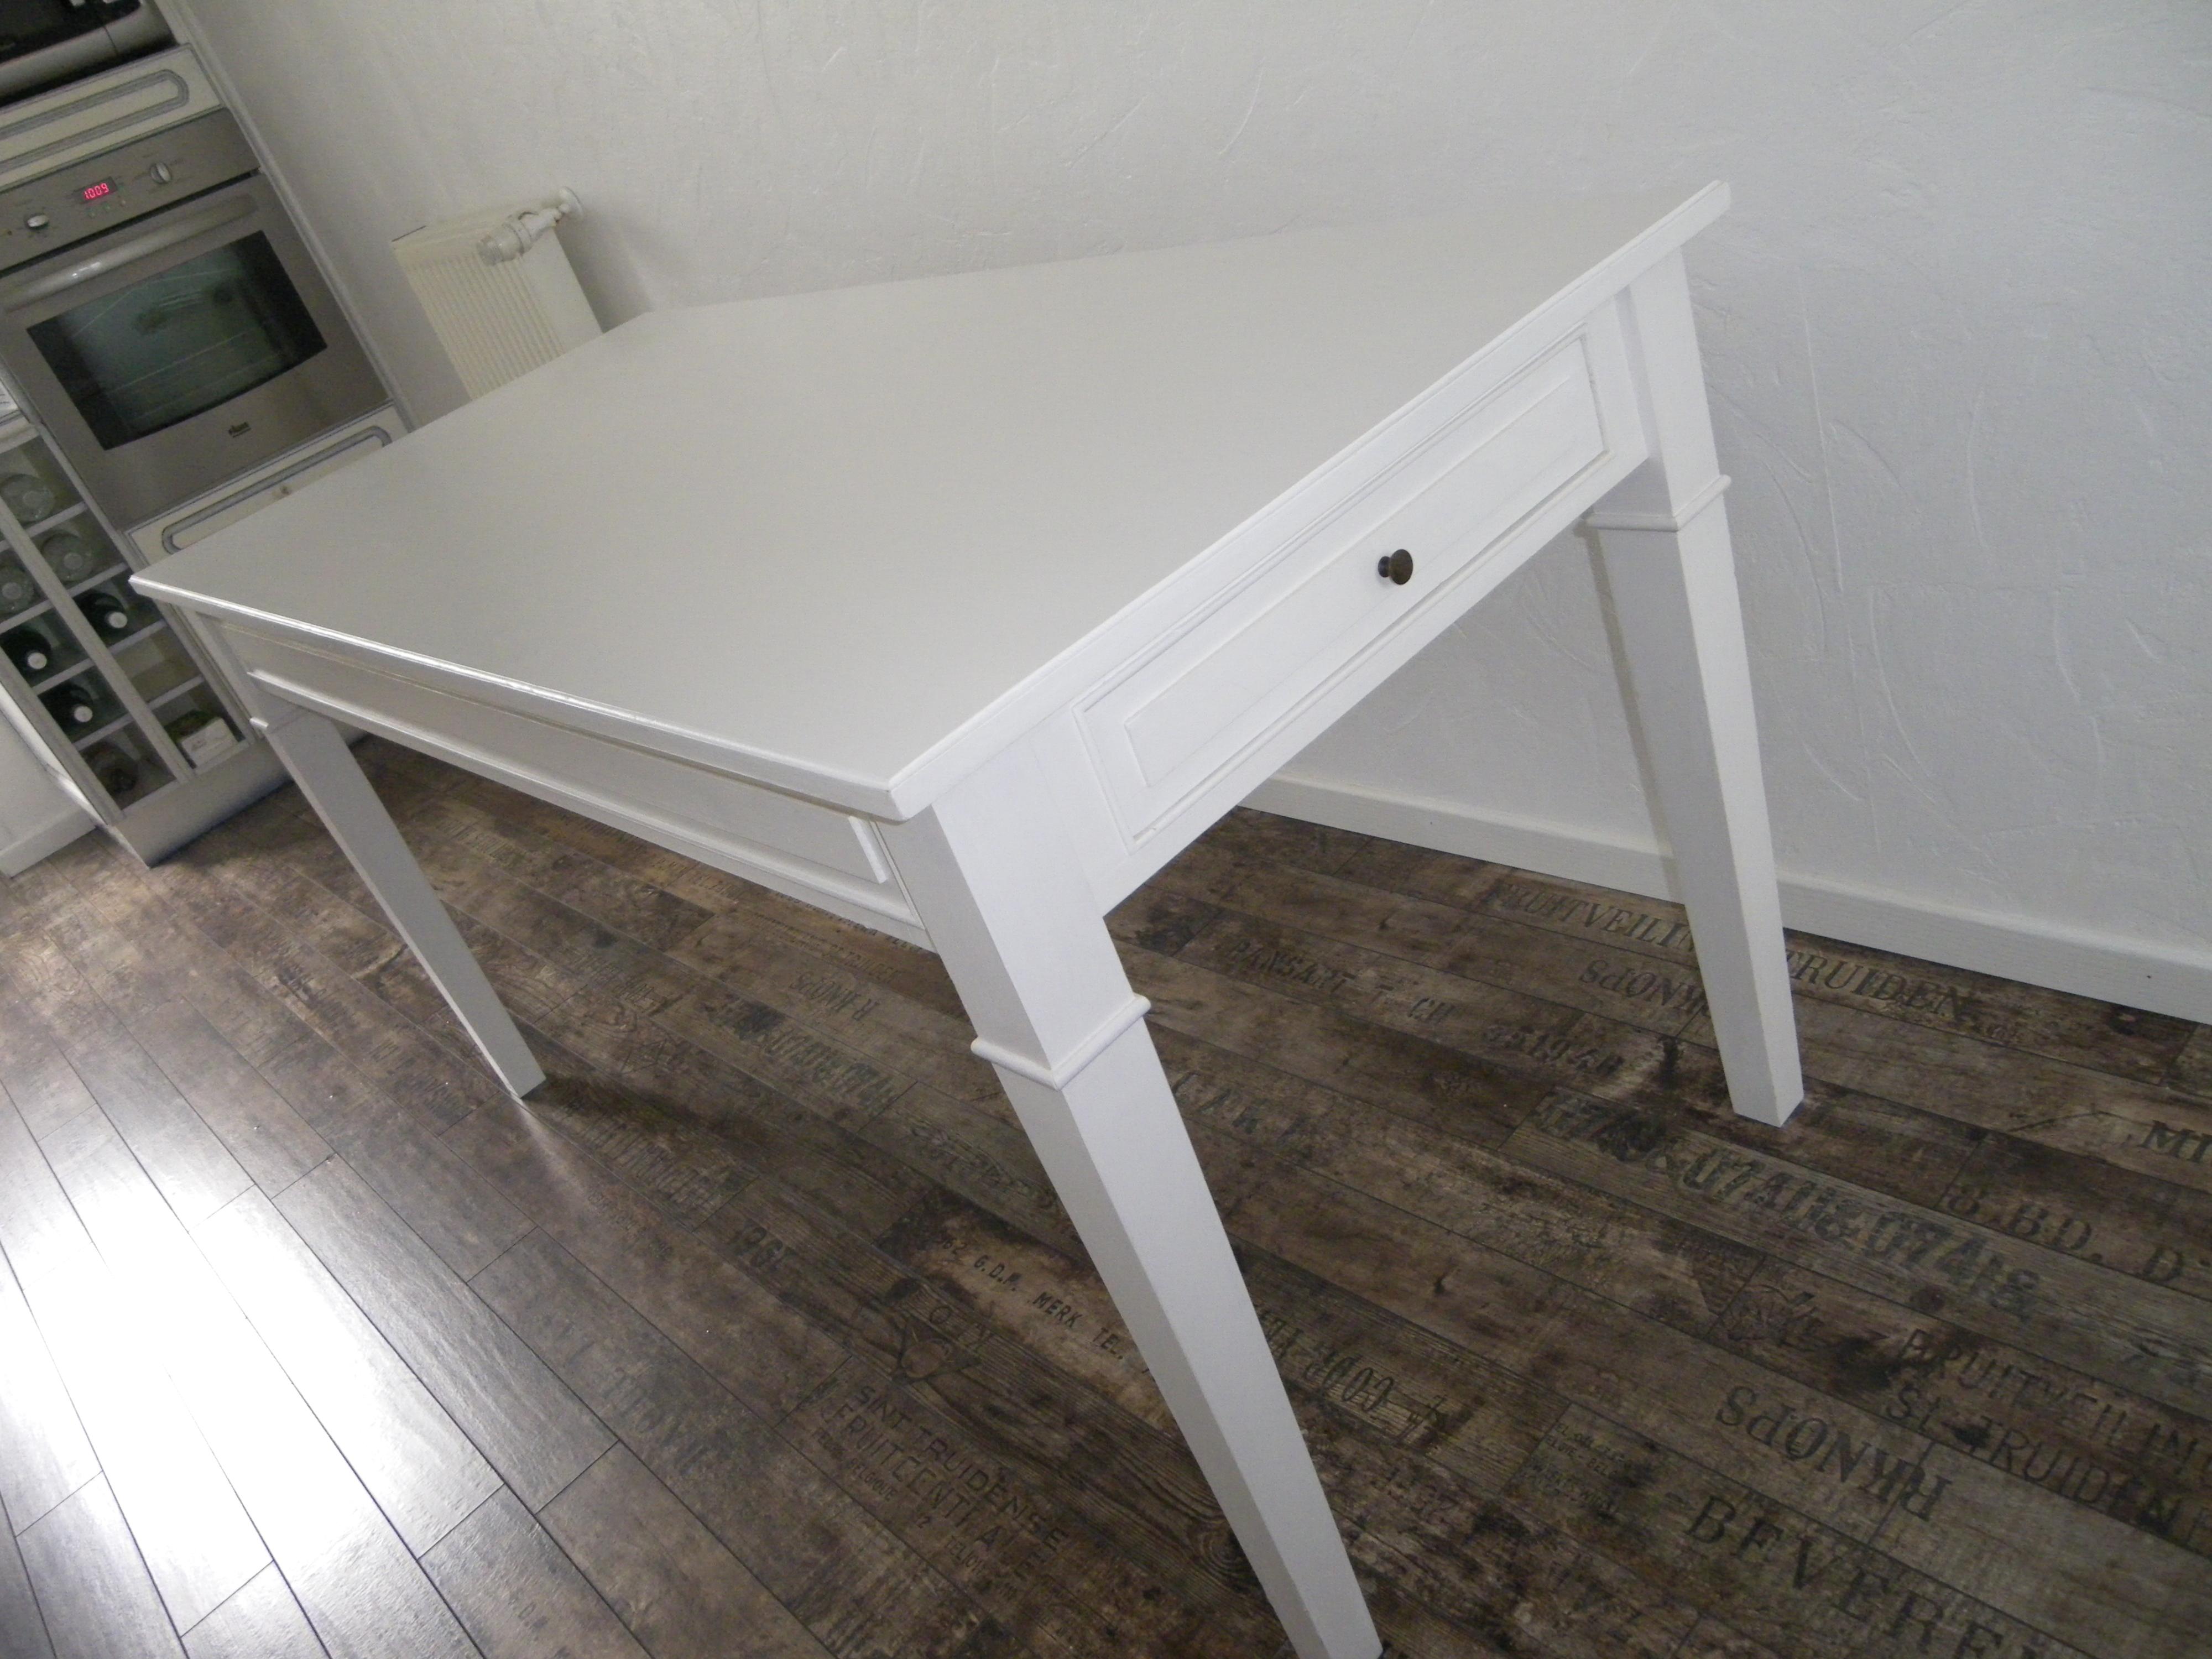 Table de cuisine salle manger peinte blanche anjoudeco for Petite table cuisine